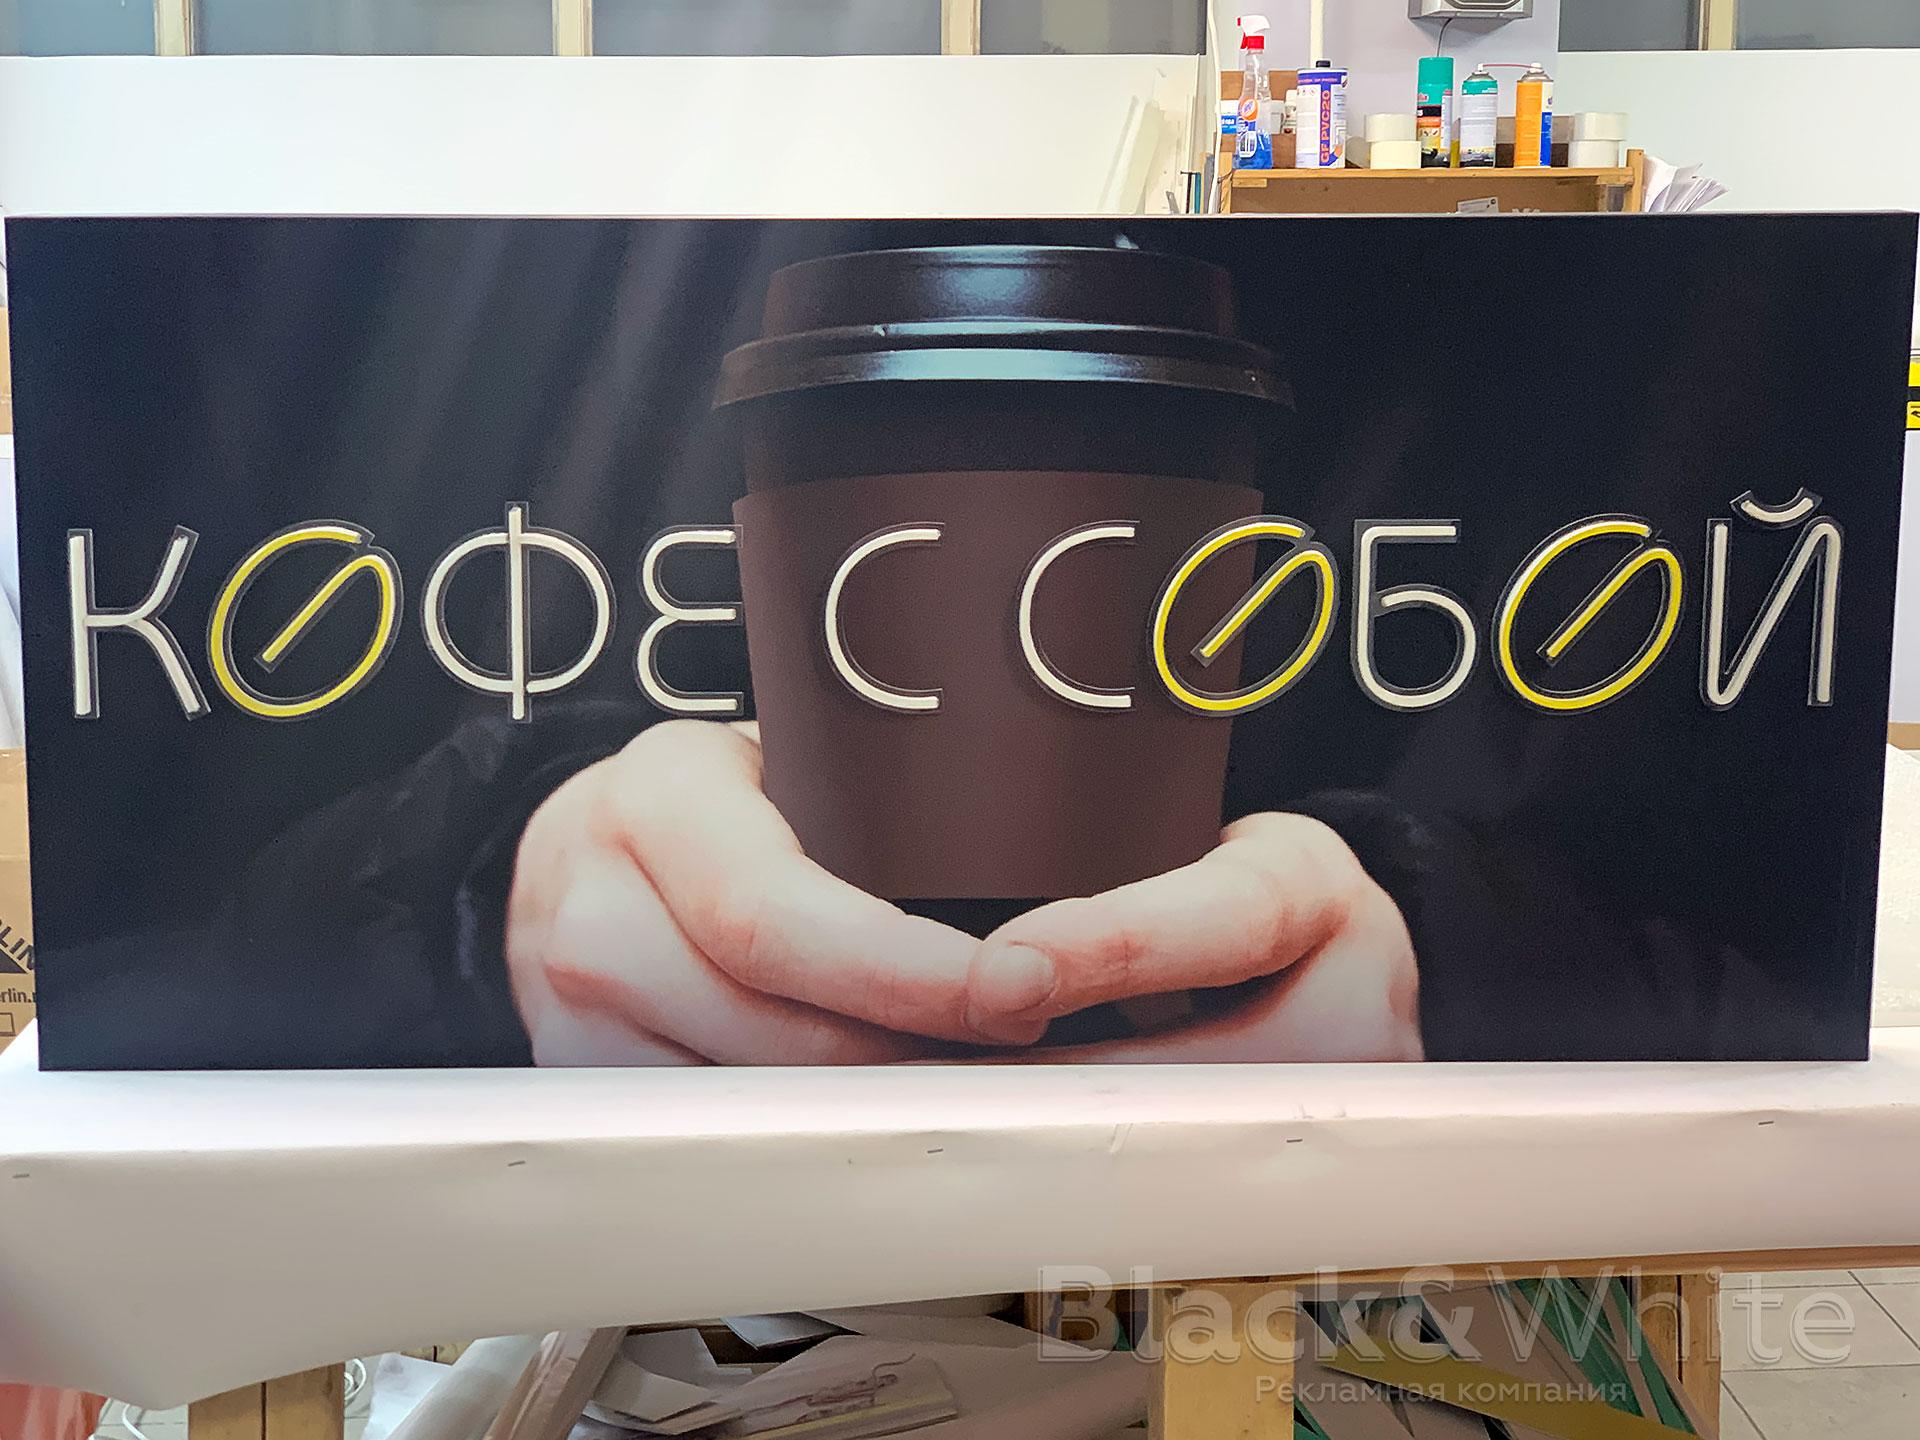 Неоновая-вывеска-Кофе-с-собой-изготовление-на-заказ-Красноярск.jpg